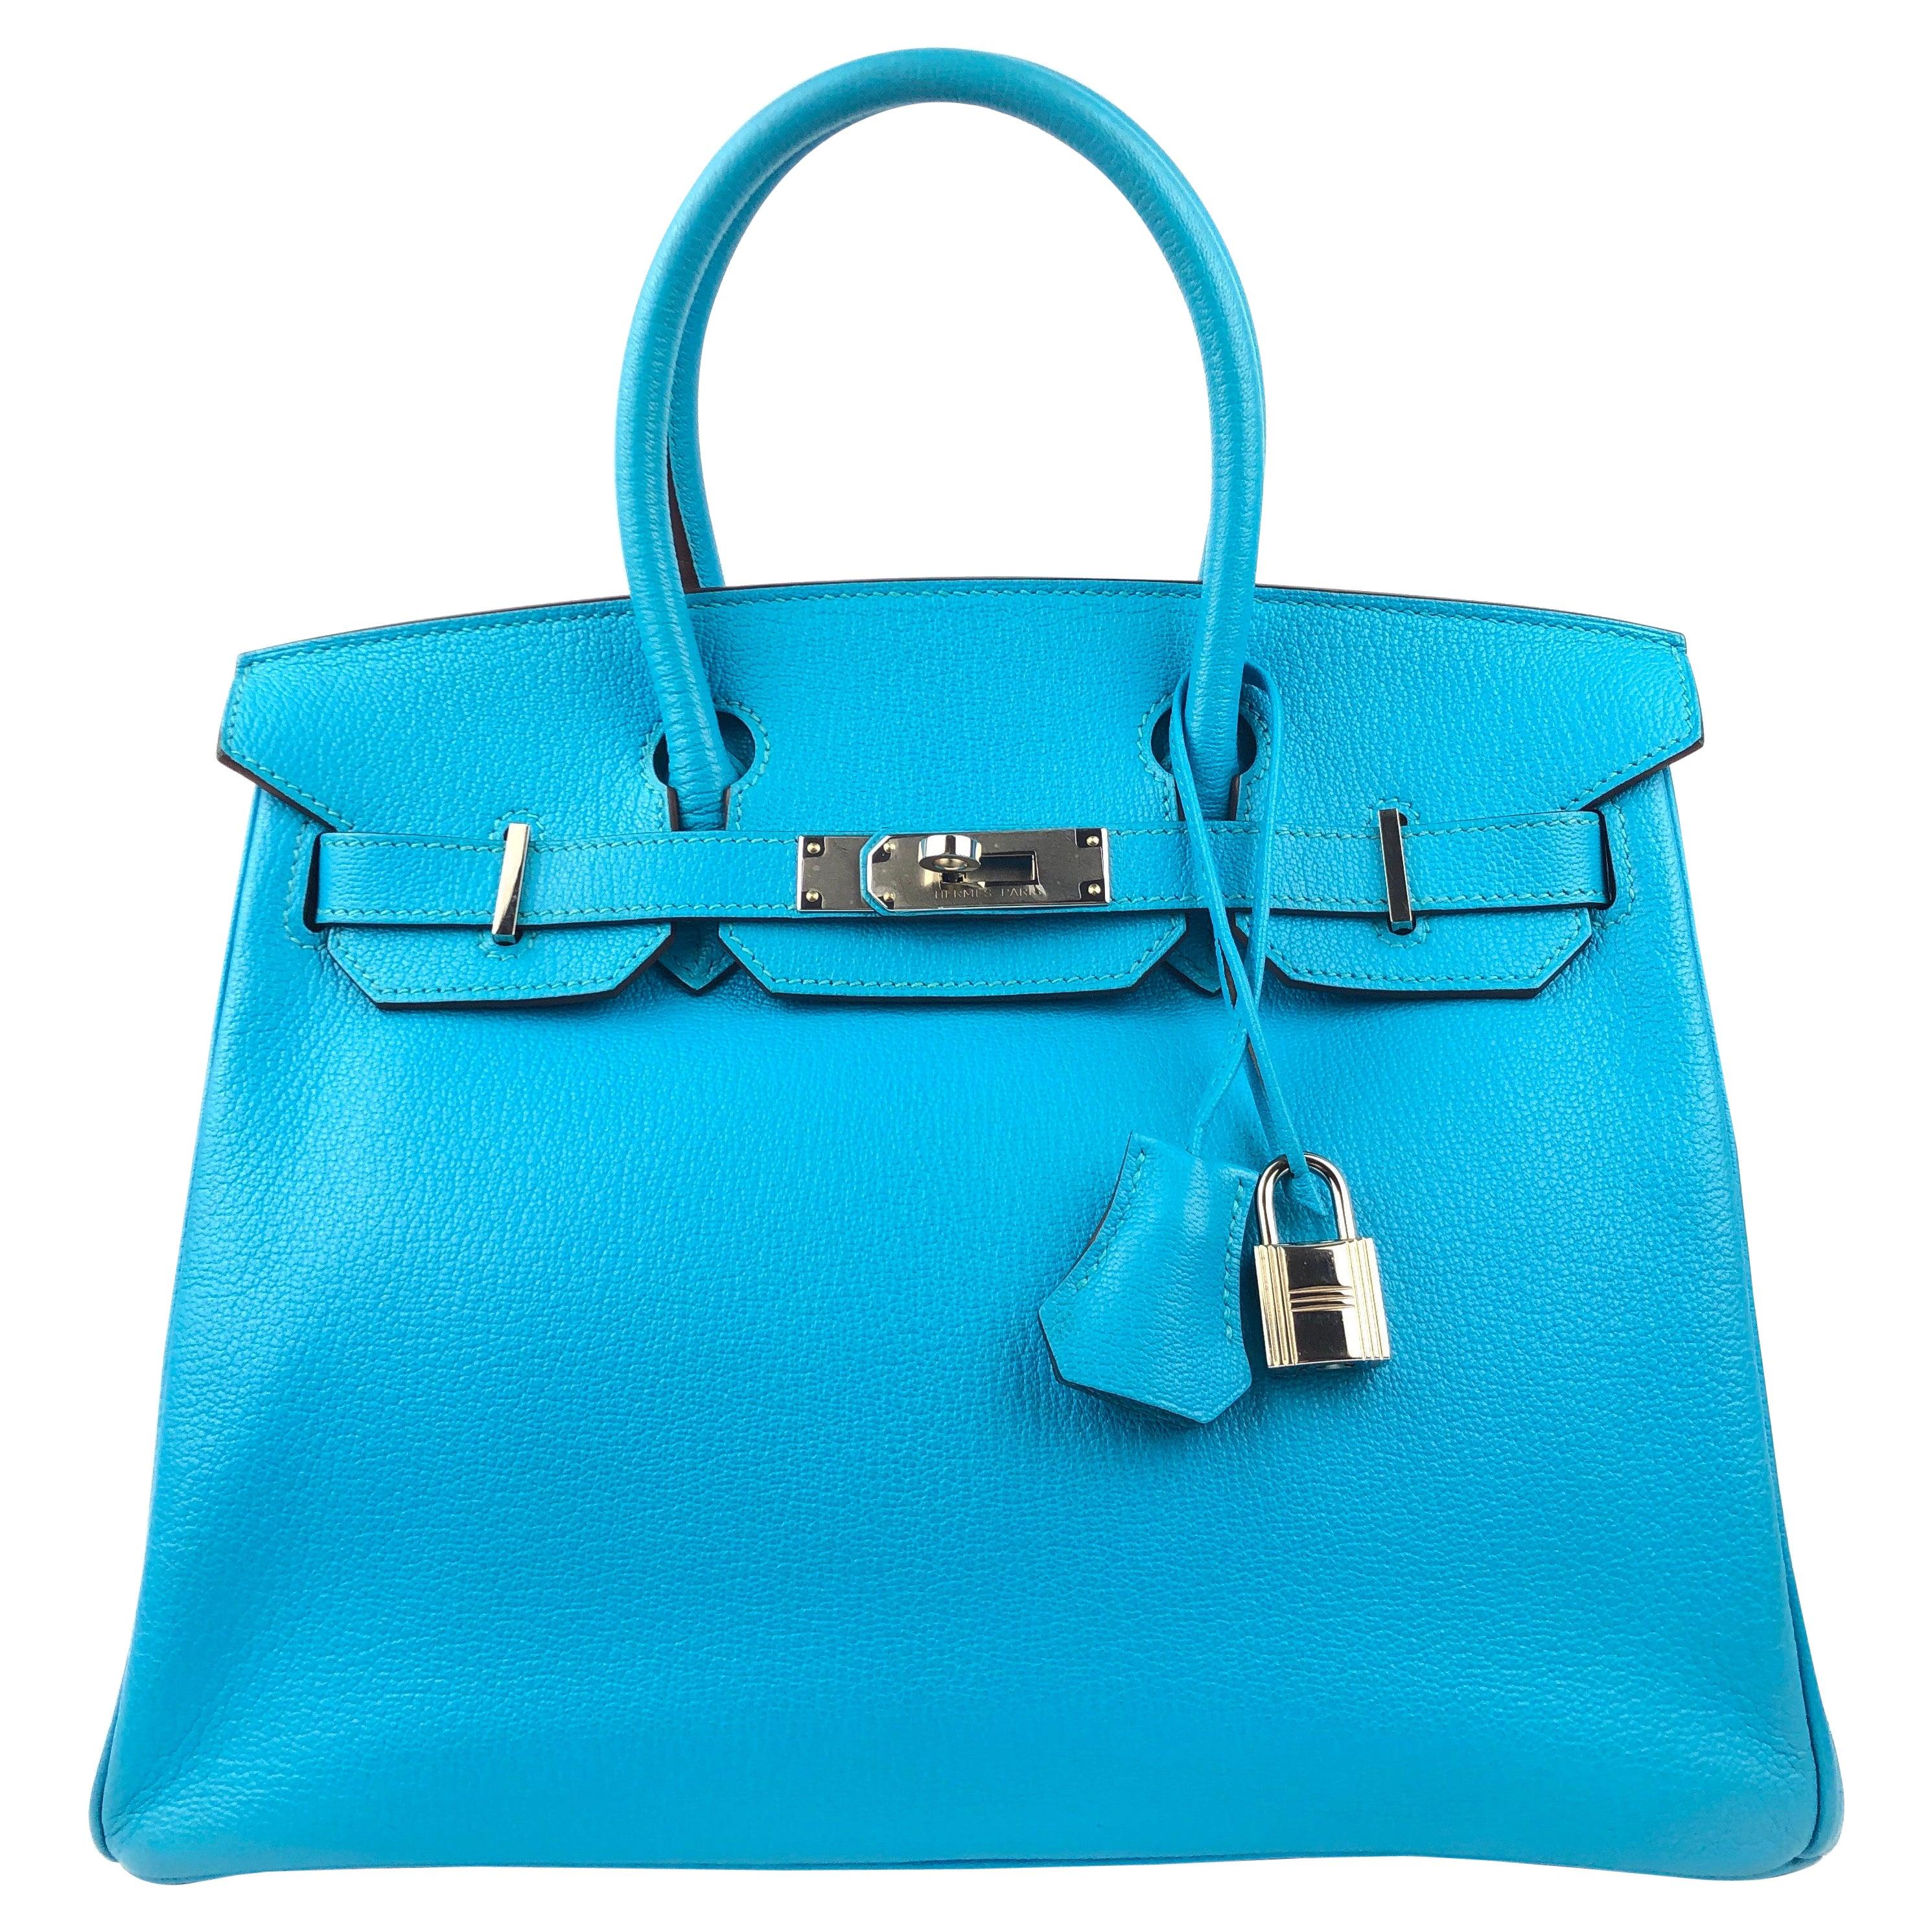 Hermes Birkin 30 Blue Aztec Chèvre Leather Palladium Hardware